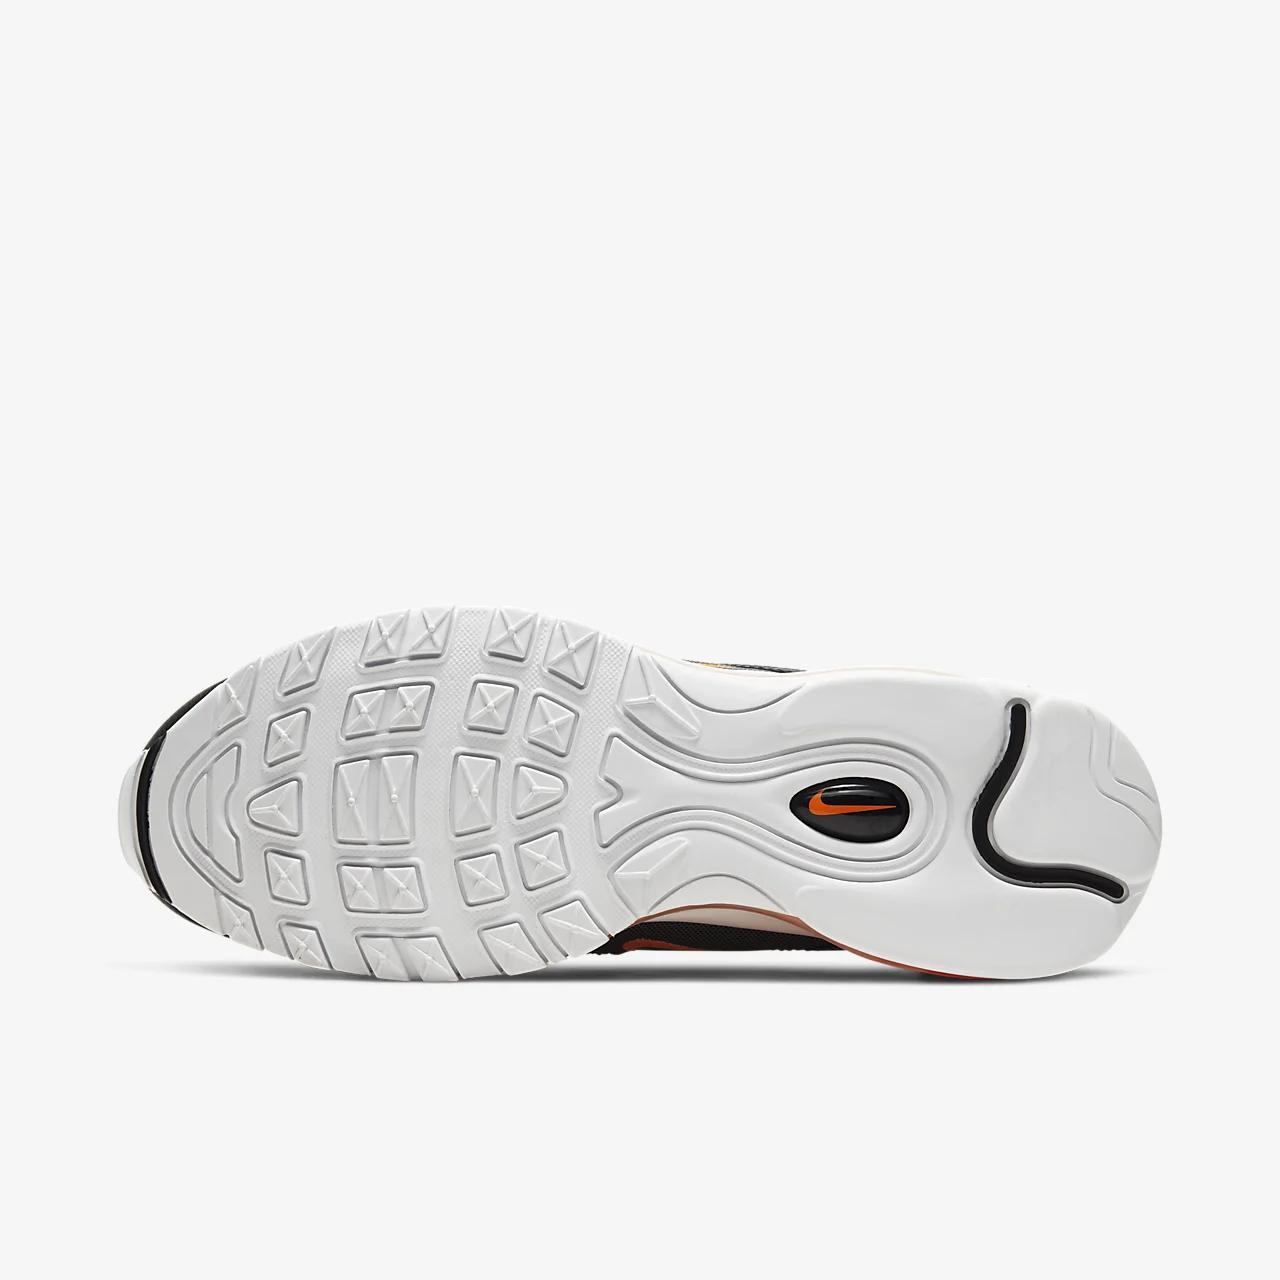 나이키 에어 맥스 97 남성 신발 CW5419-101